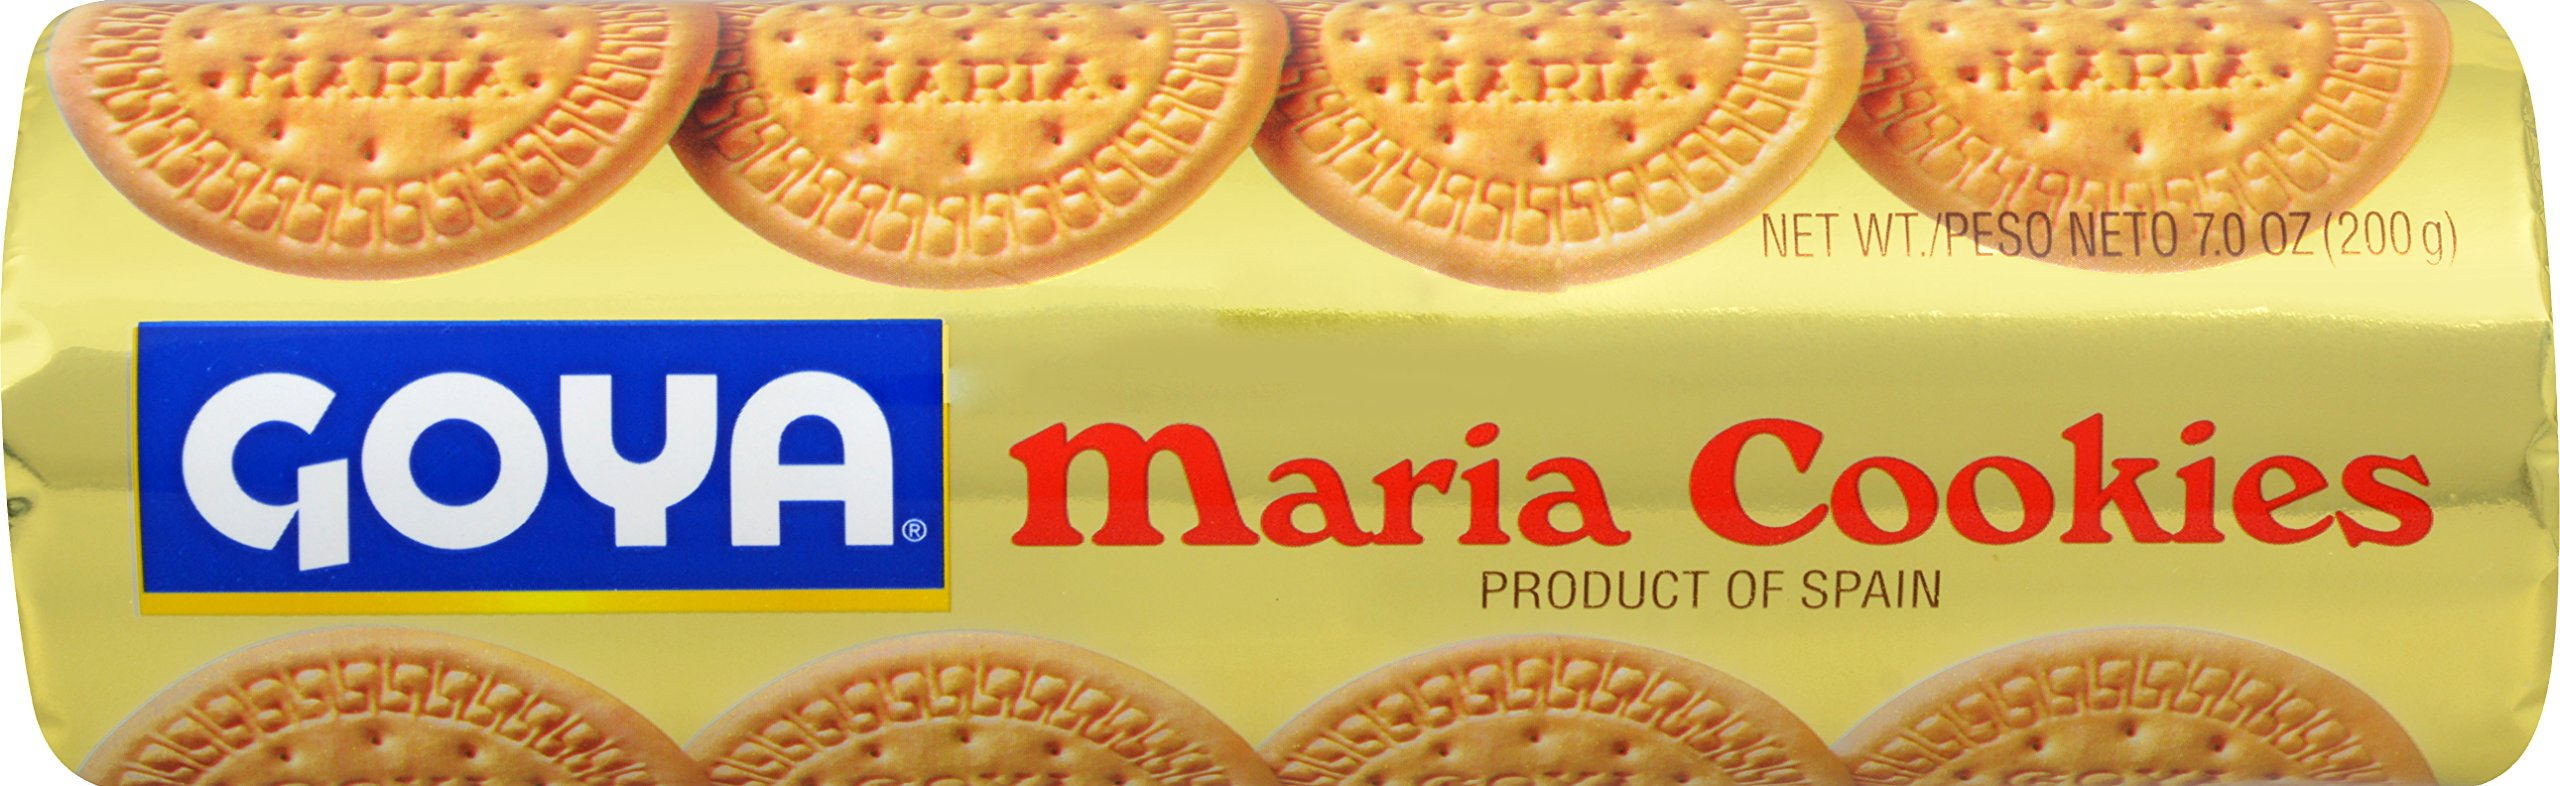 Goya Foods Maria Cookies, 7 oz